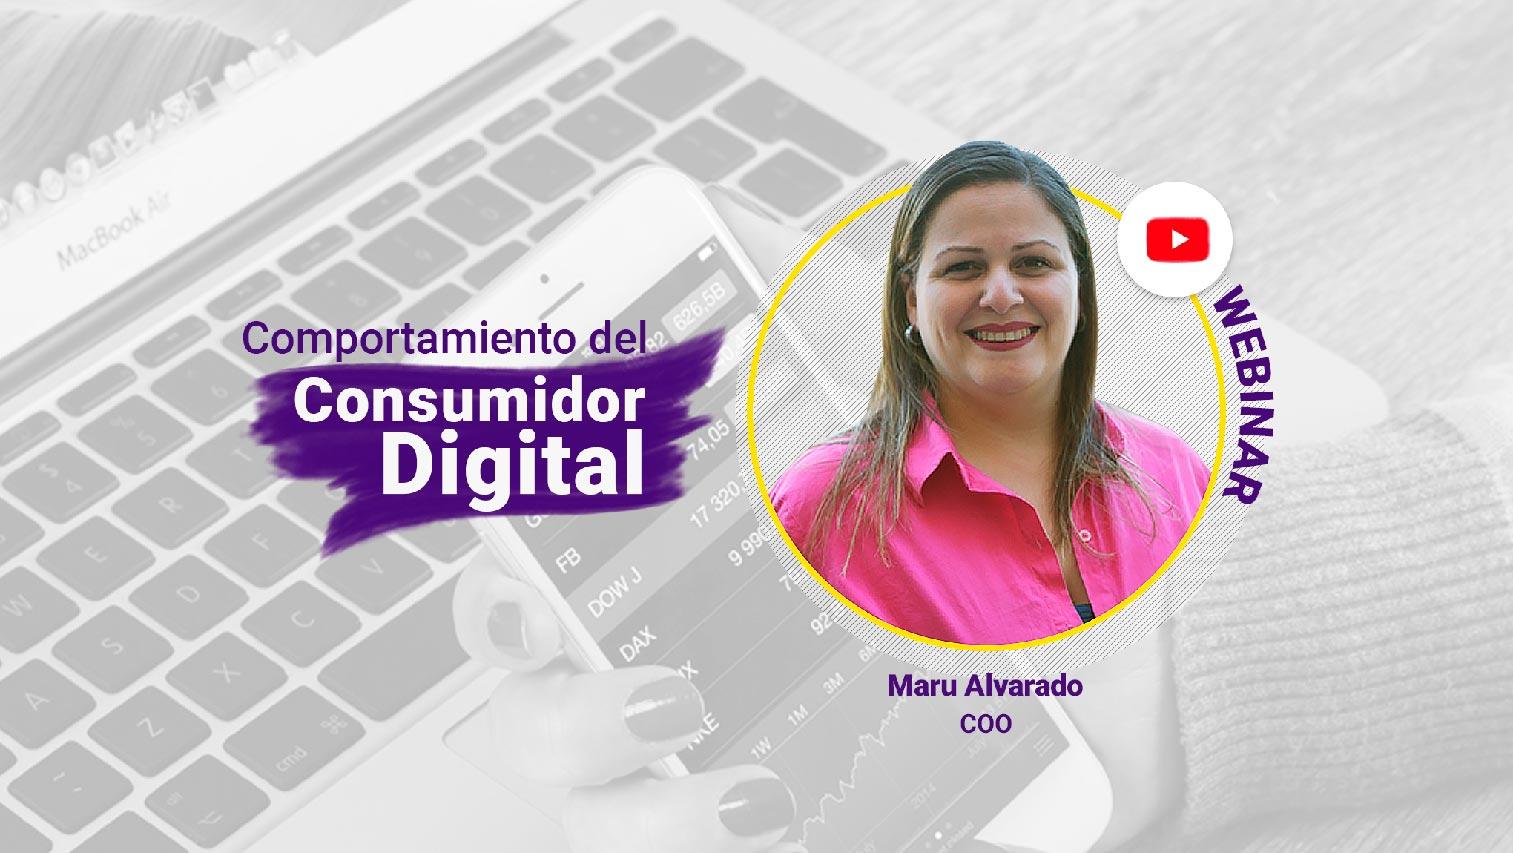 comportamiento-consumidor-digital-venezolano-zuliatec